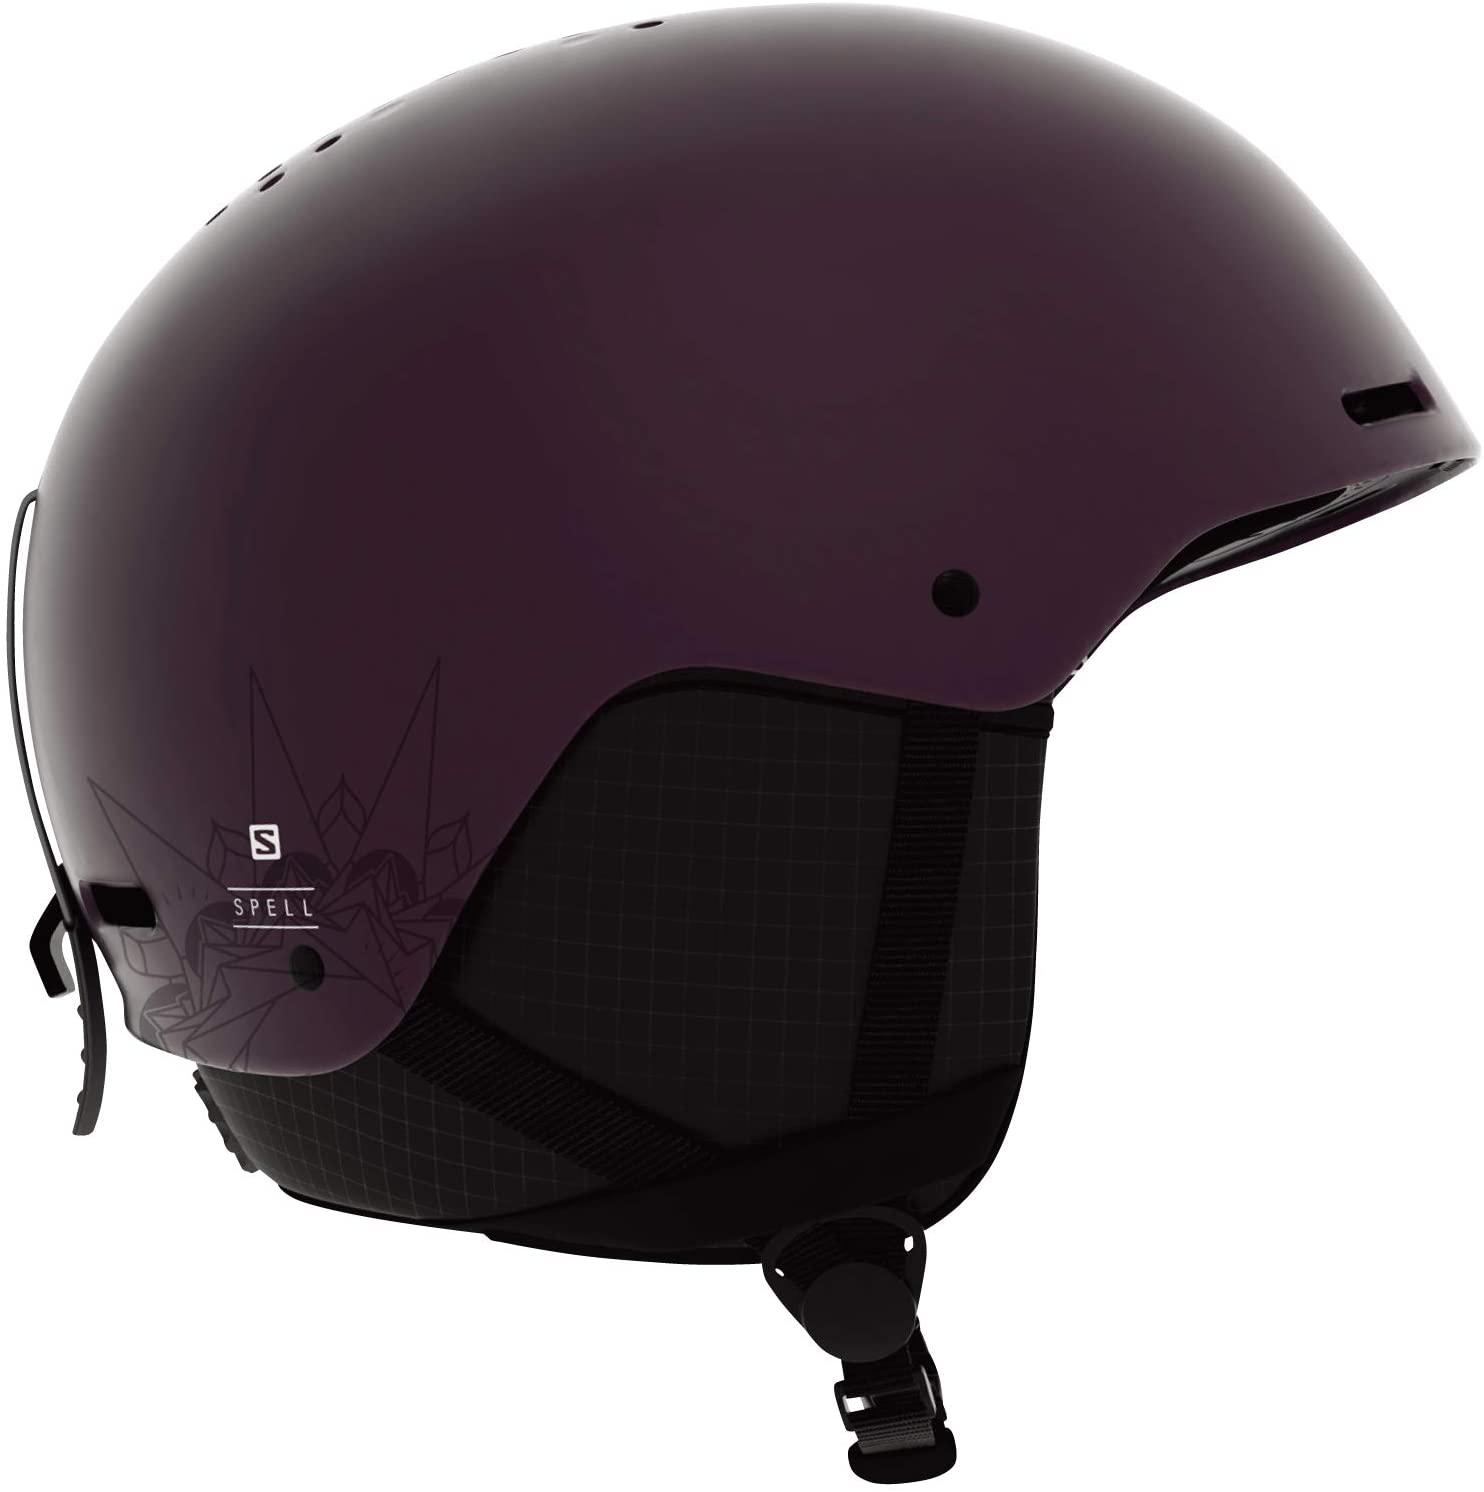 Salomon Spell Helmet, Medium/56-59cm, Fig